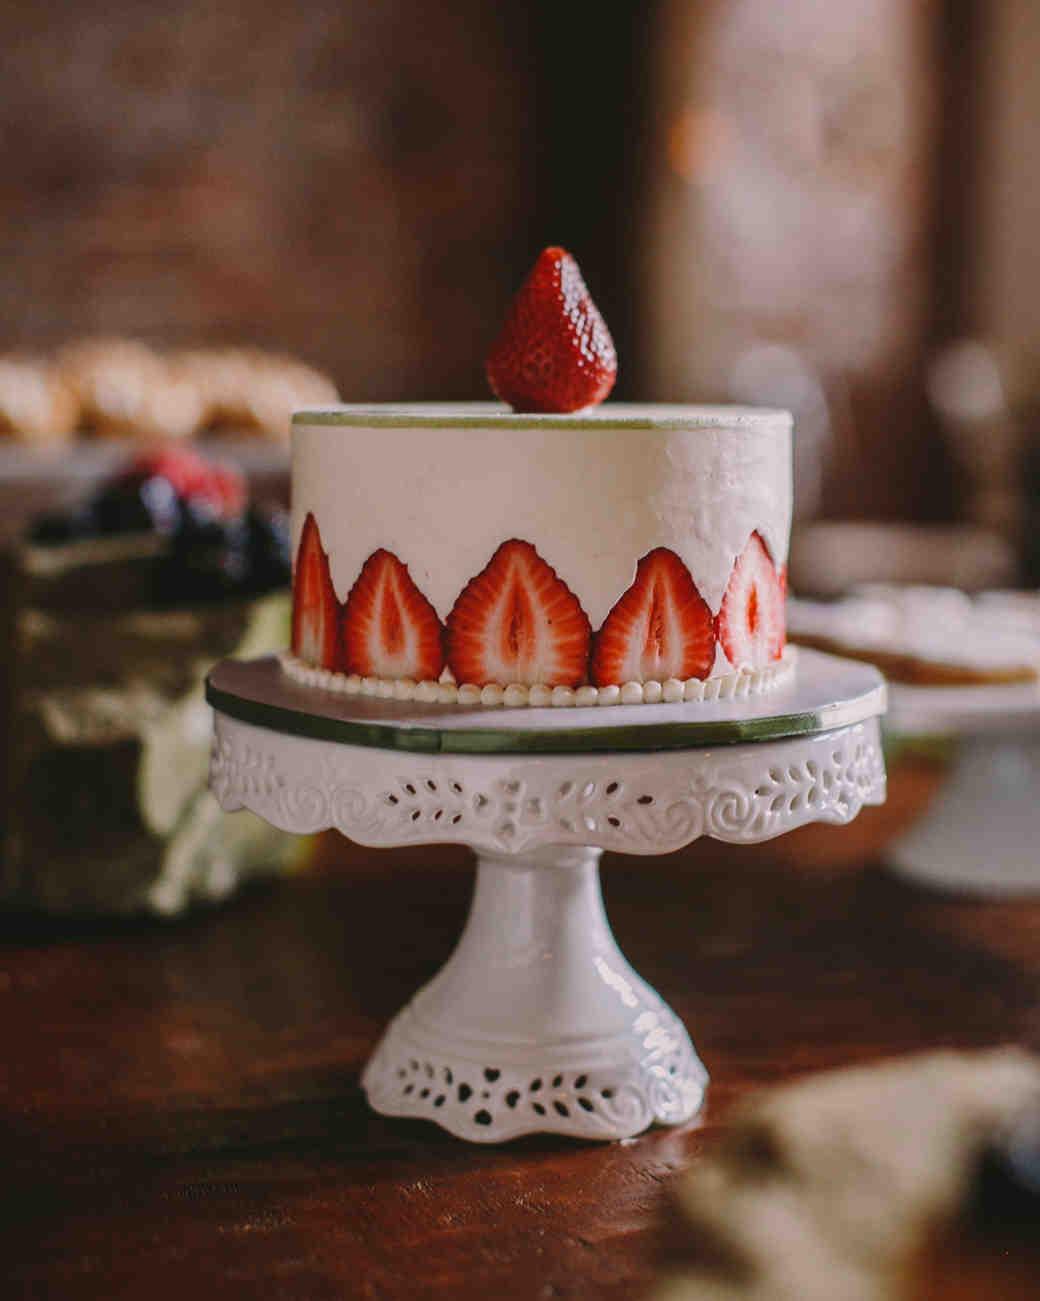 creative-cake-flavors-strawberry-fraisier-0116.jpg